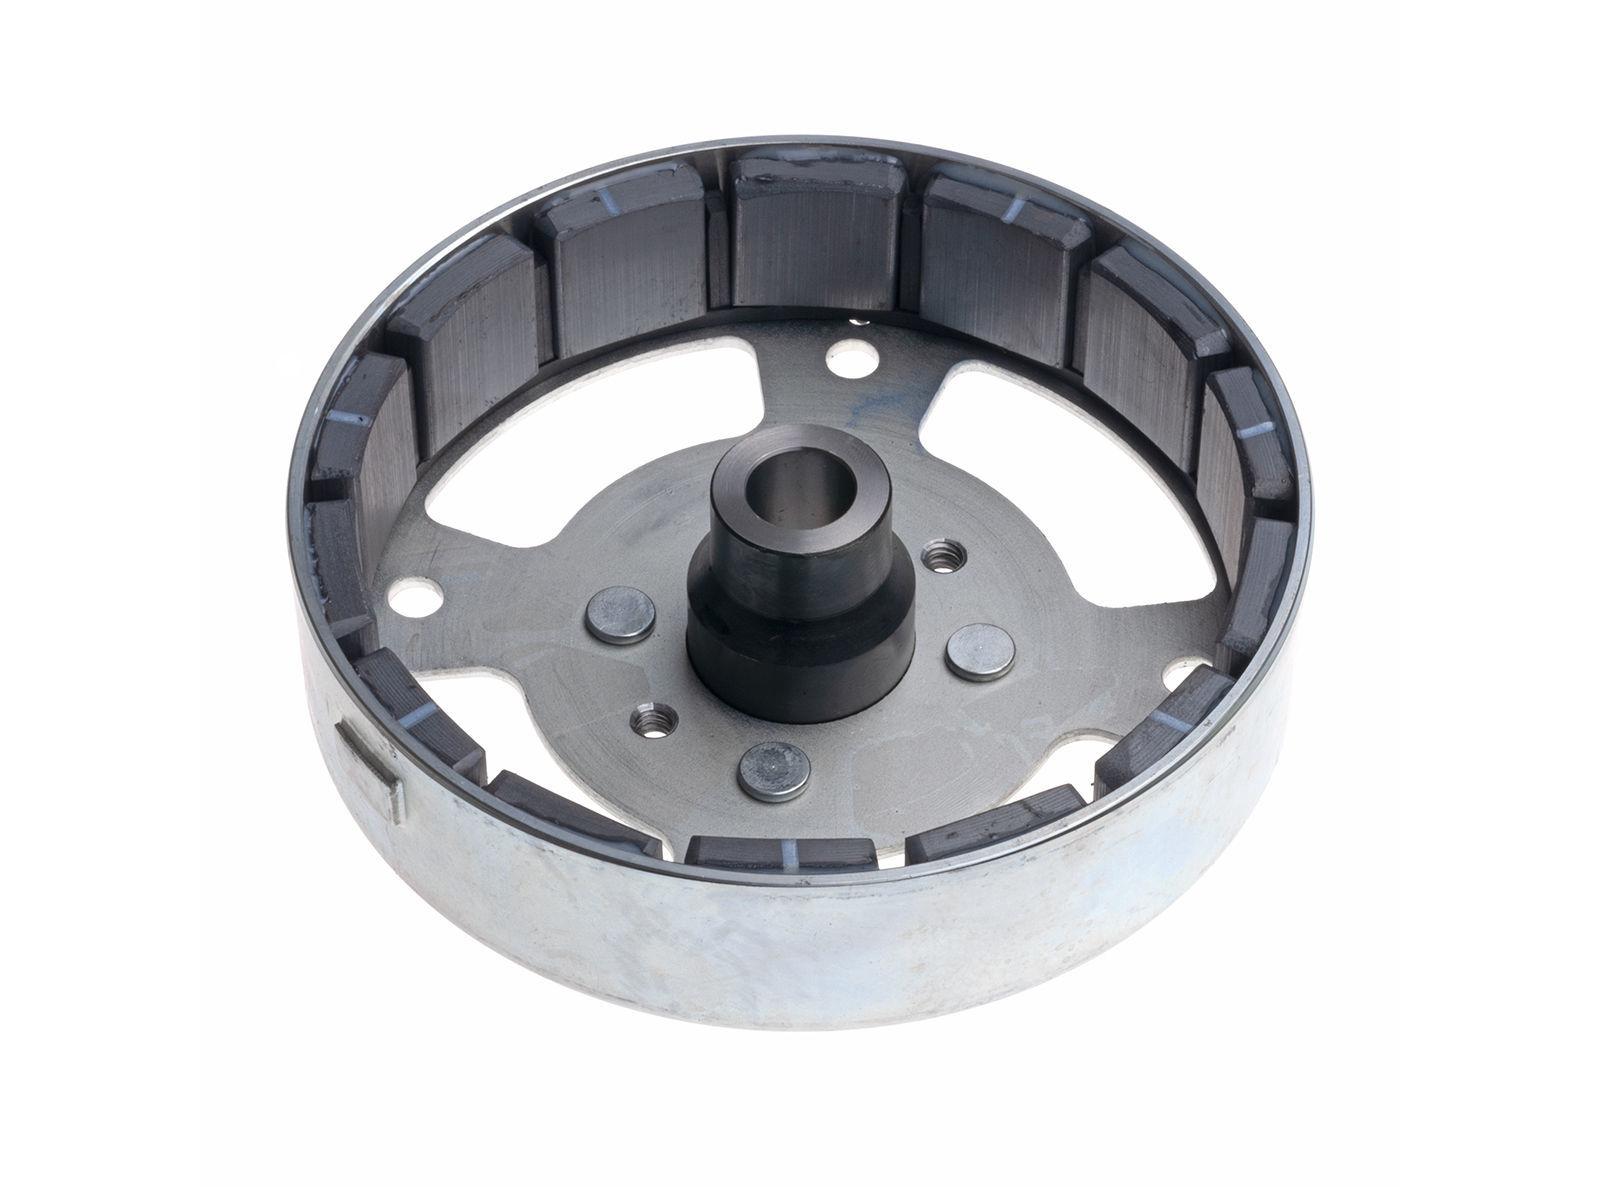 Bilde av Rotor - PM1000iS